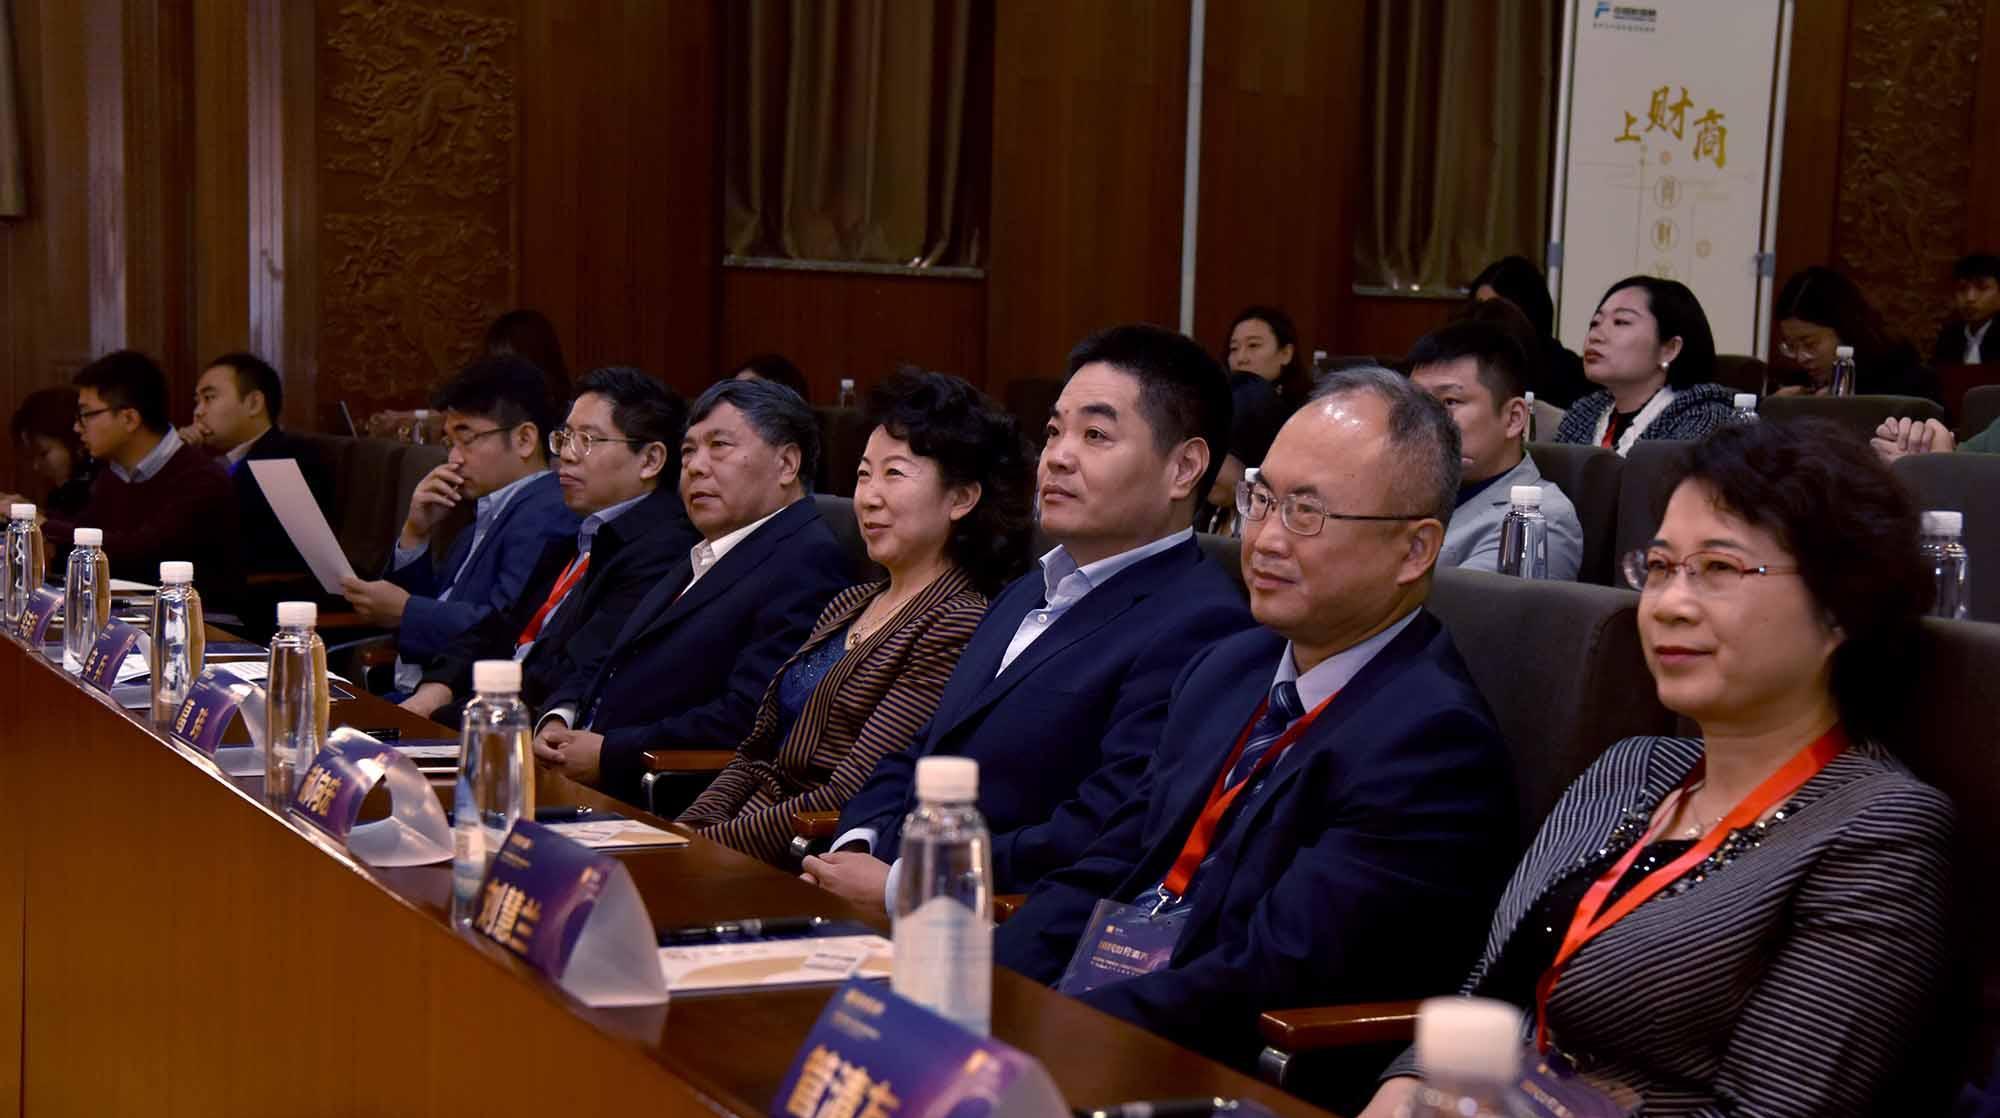 国民财经素养教育研讨会暨财商APP上线发布会今日在京举行